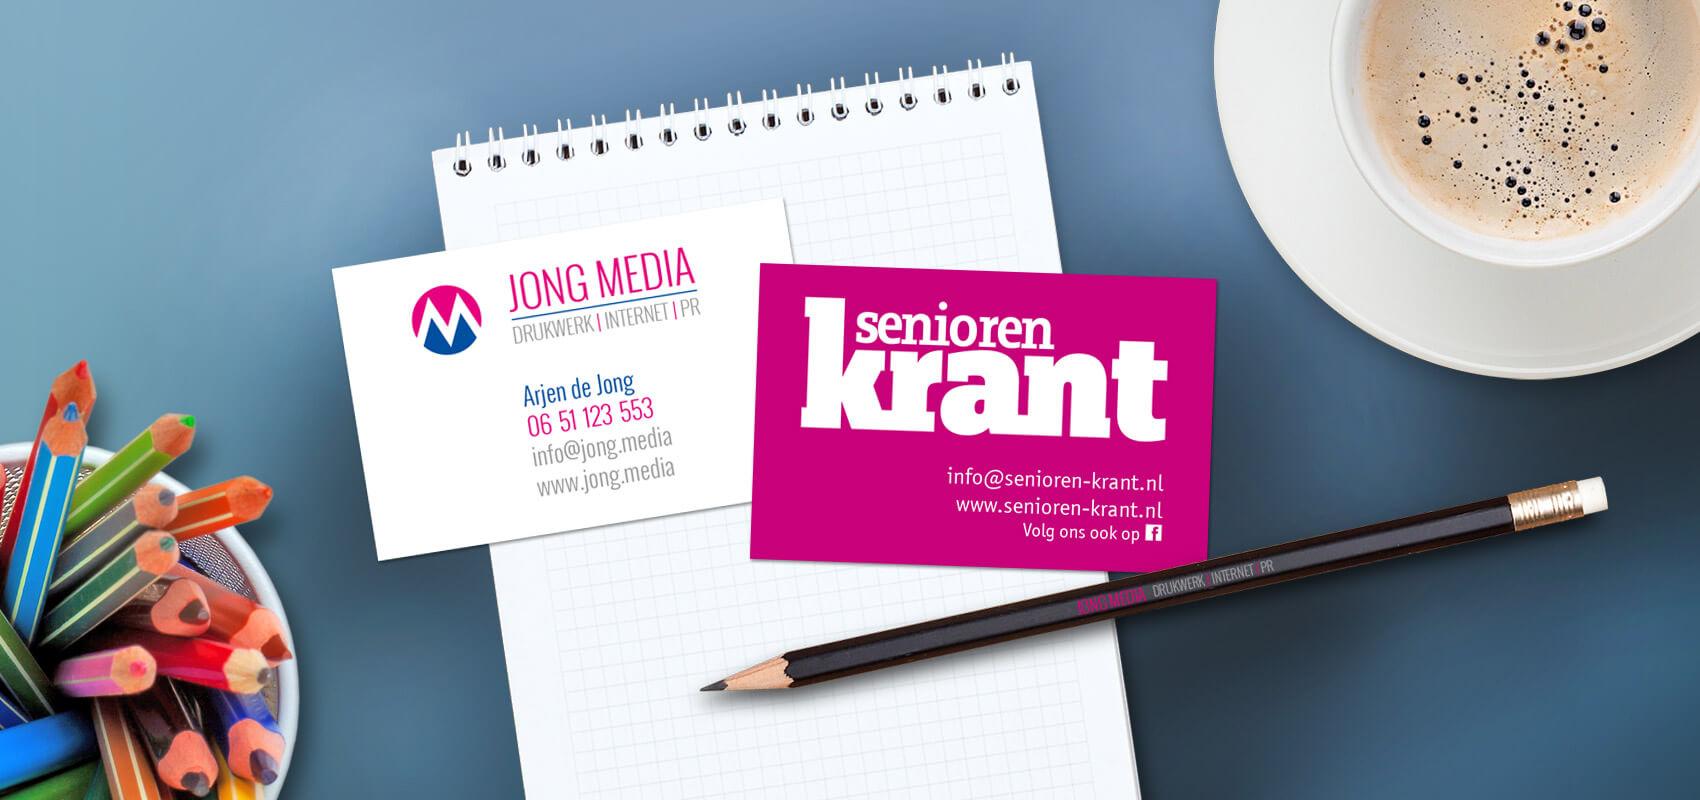 Jong Media